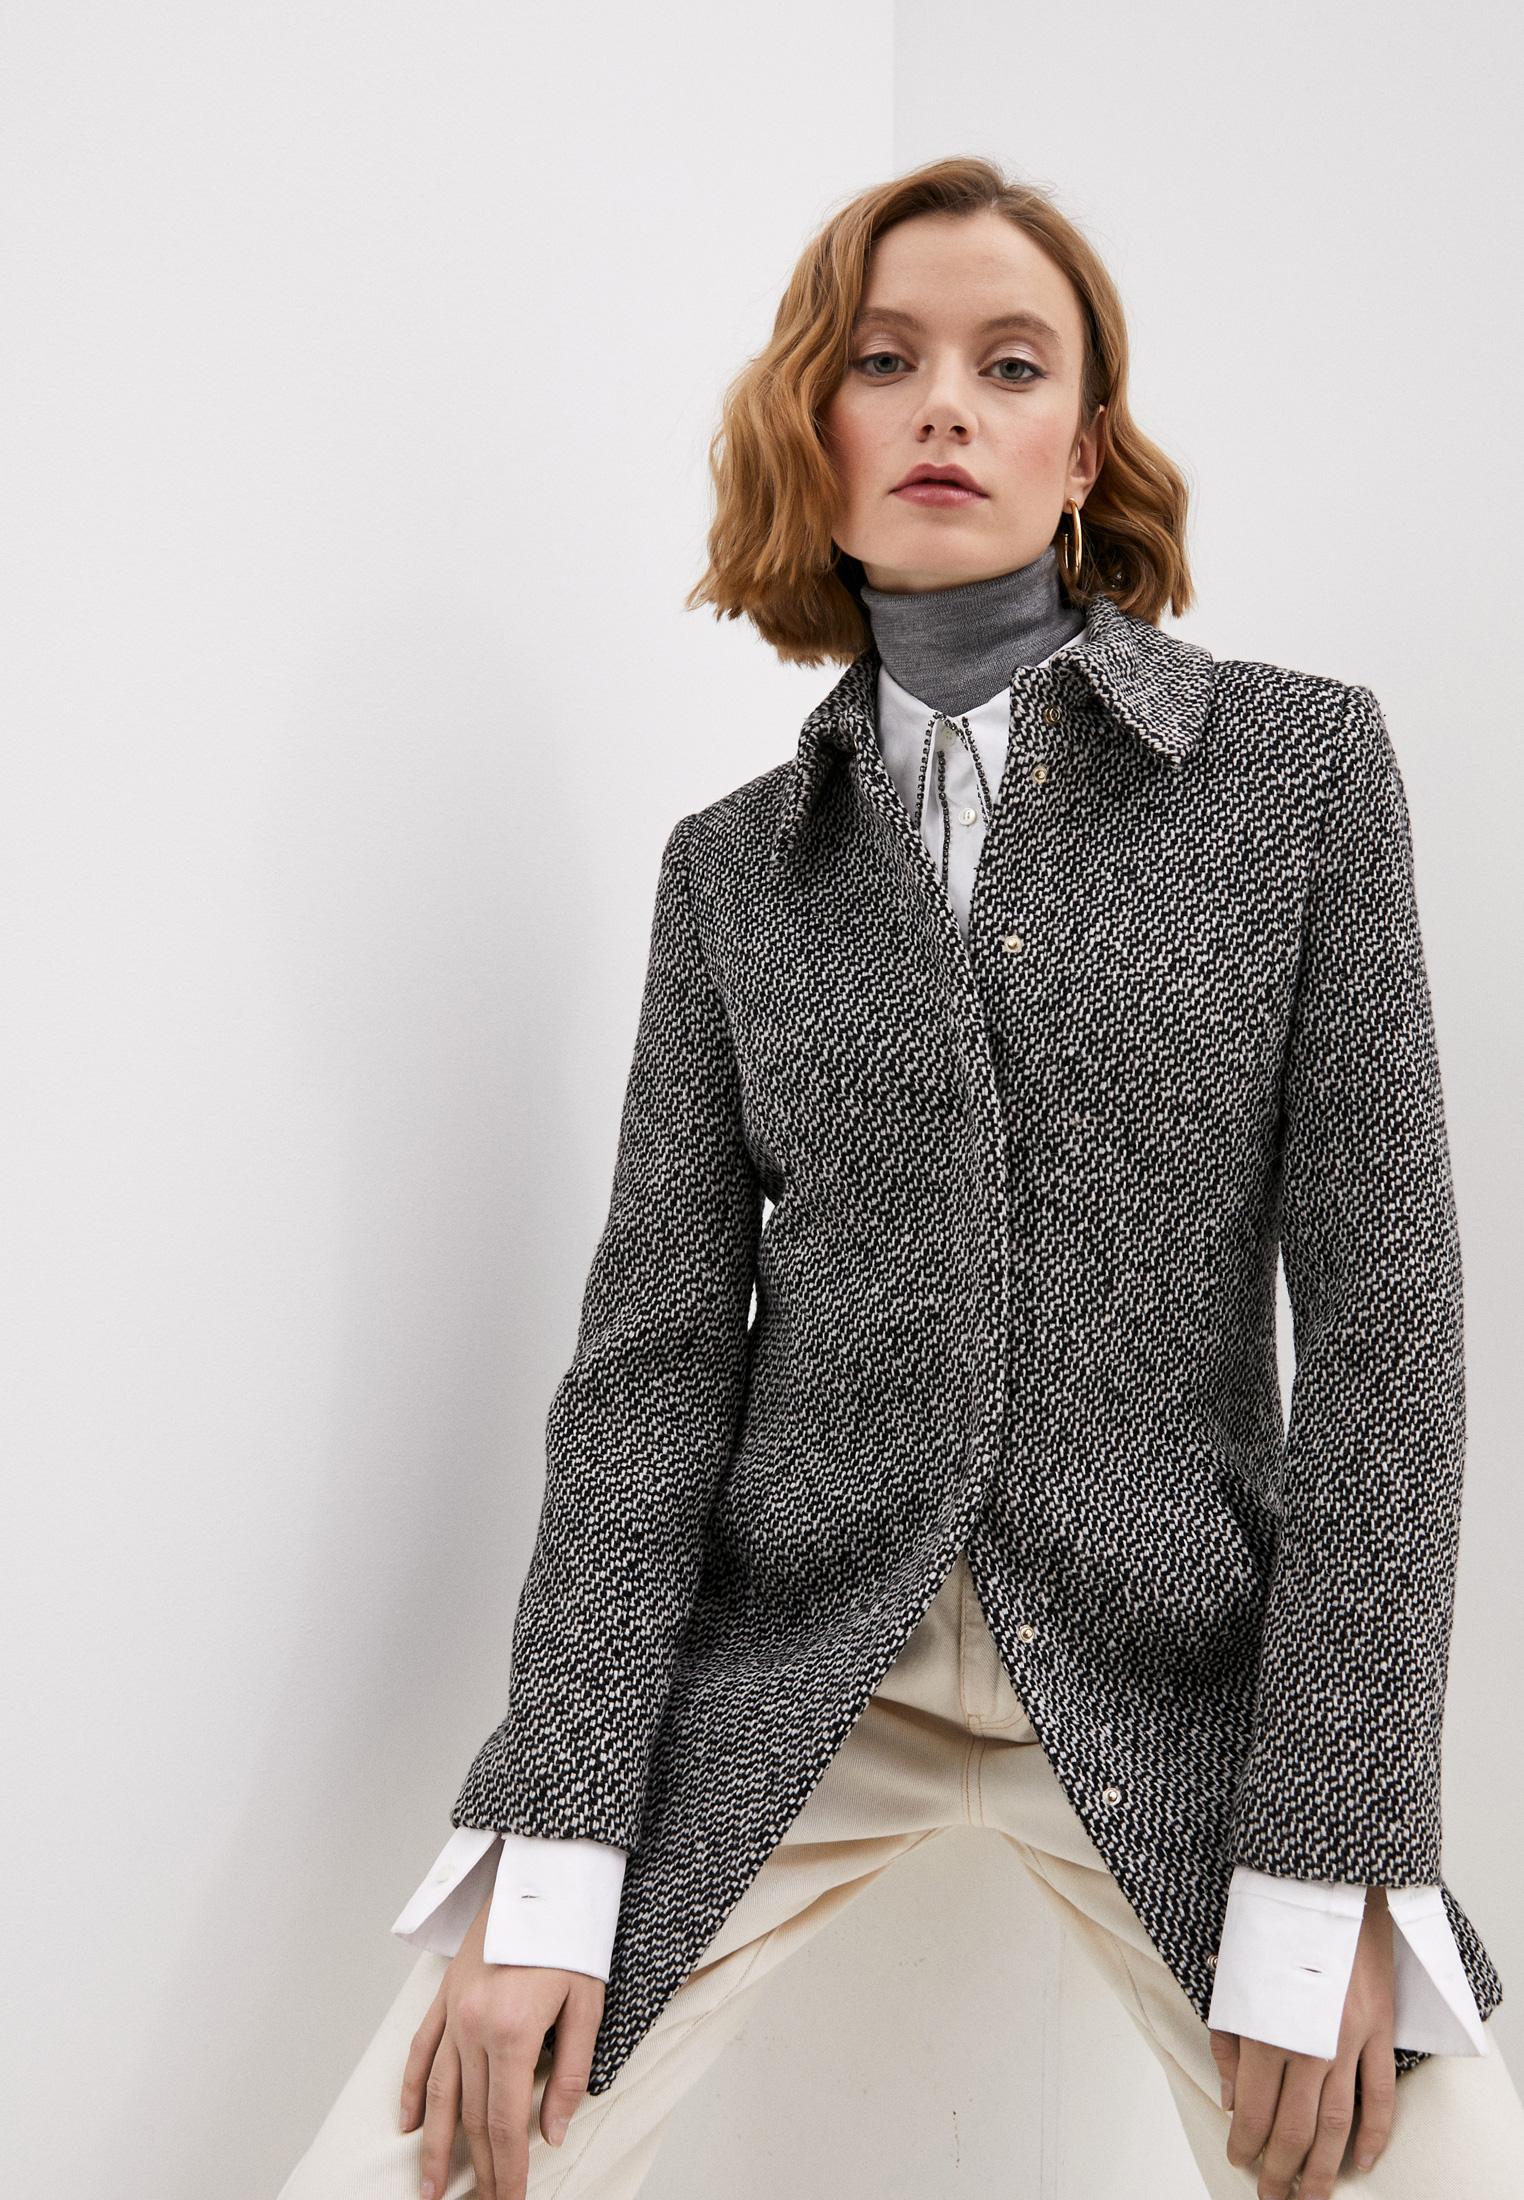 Женские пальто Patrizia Pepe (Патриция Пепе) DSU982 AH15 F220